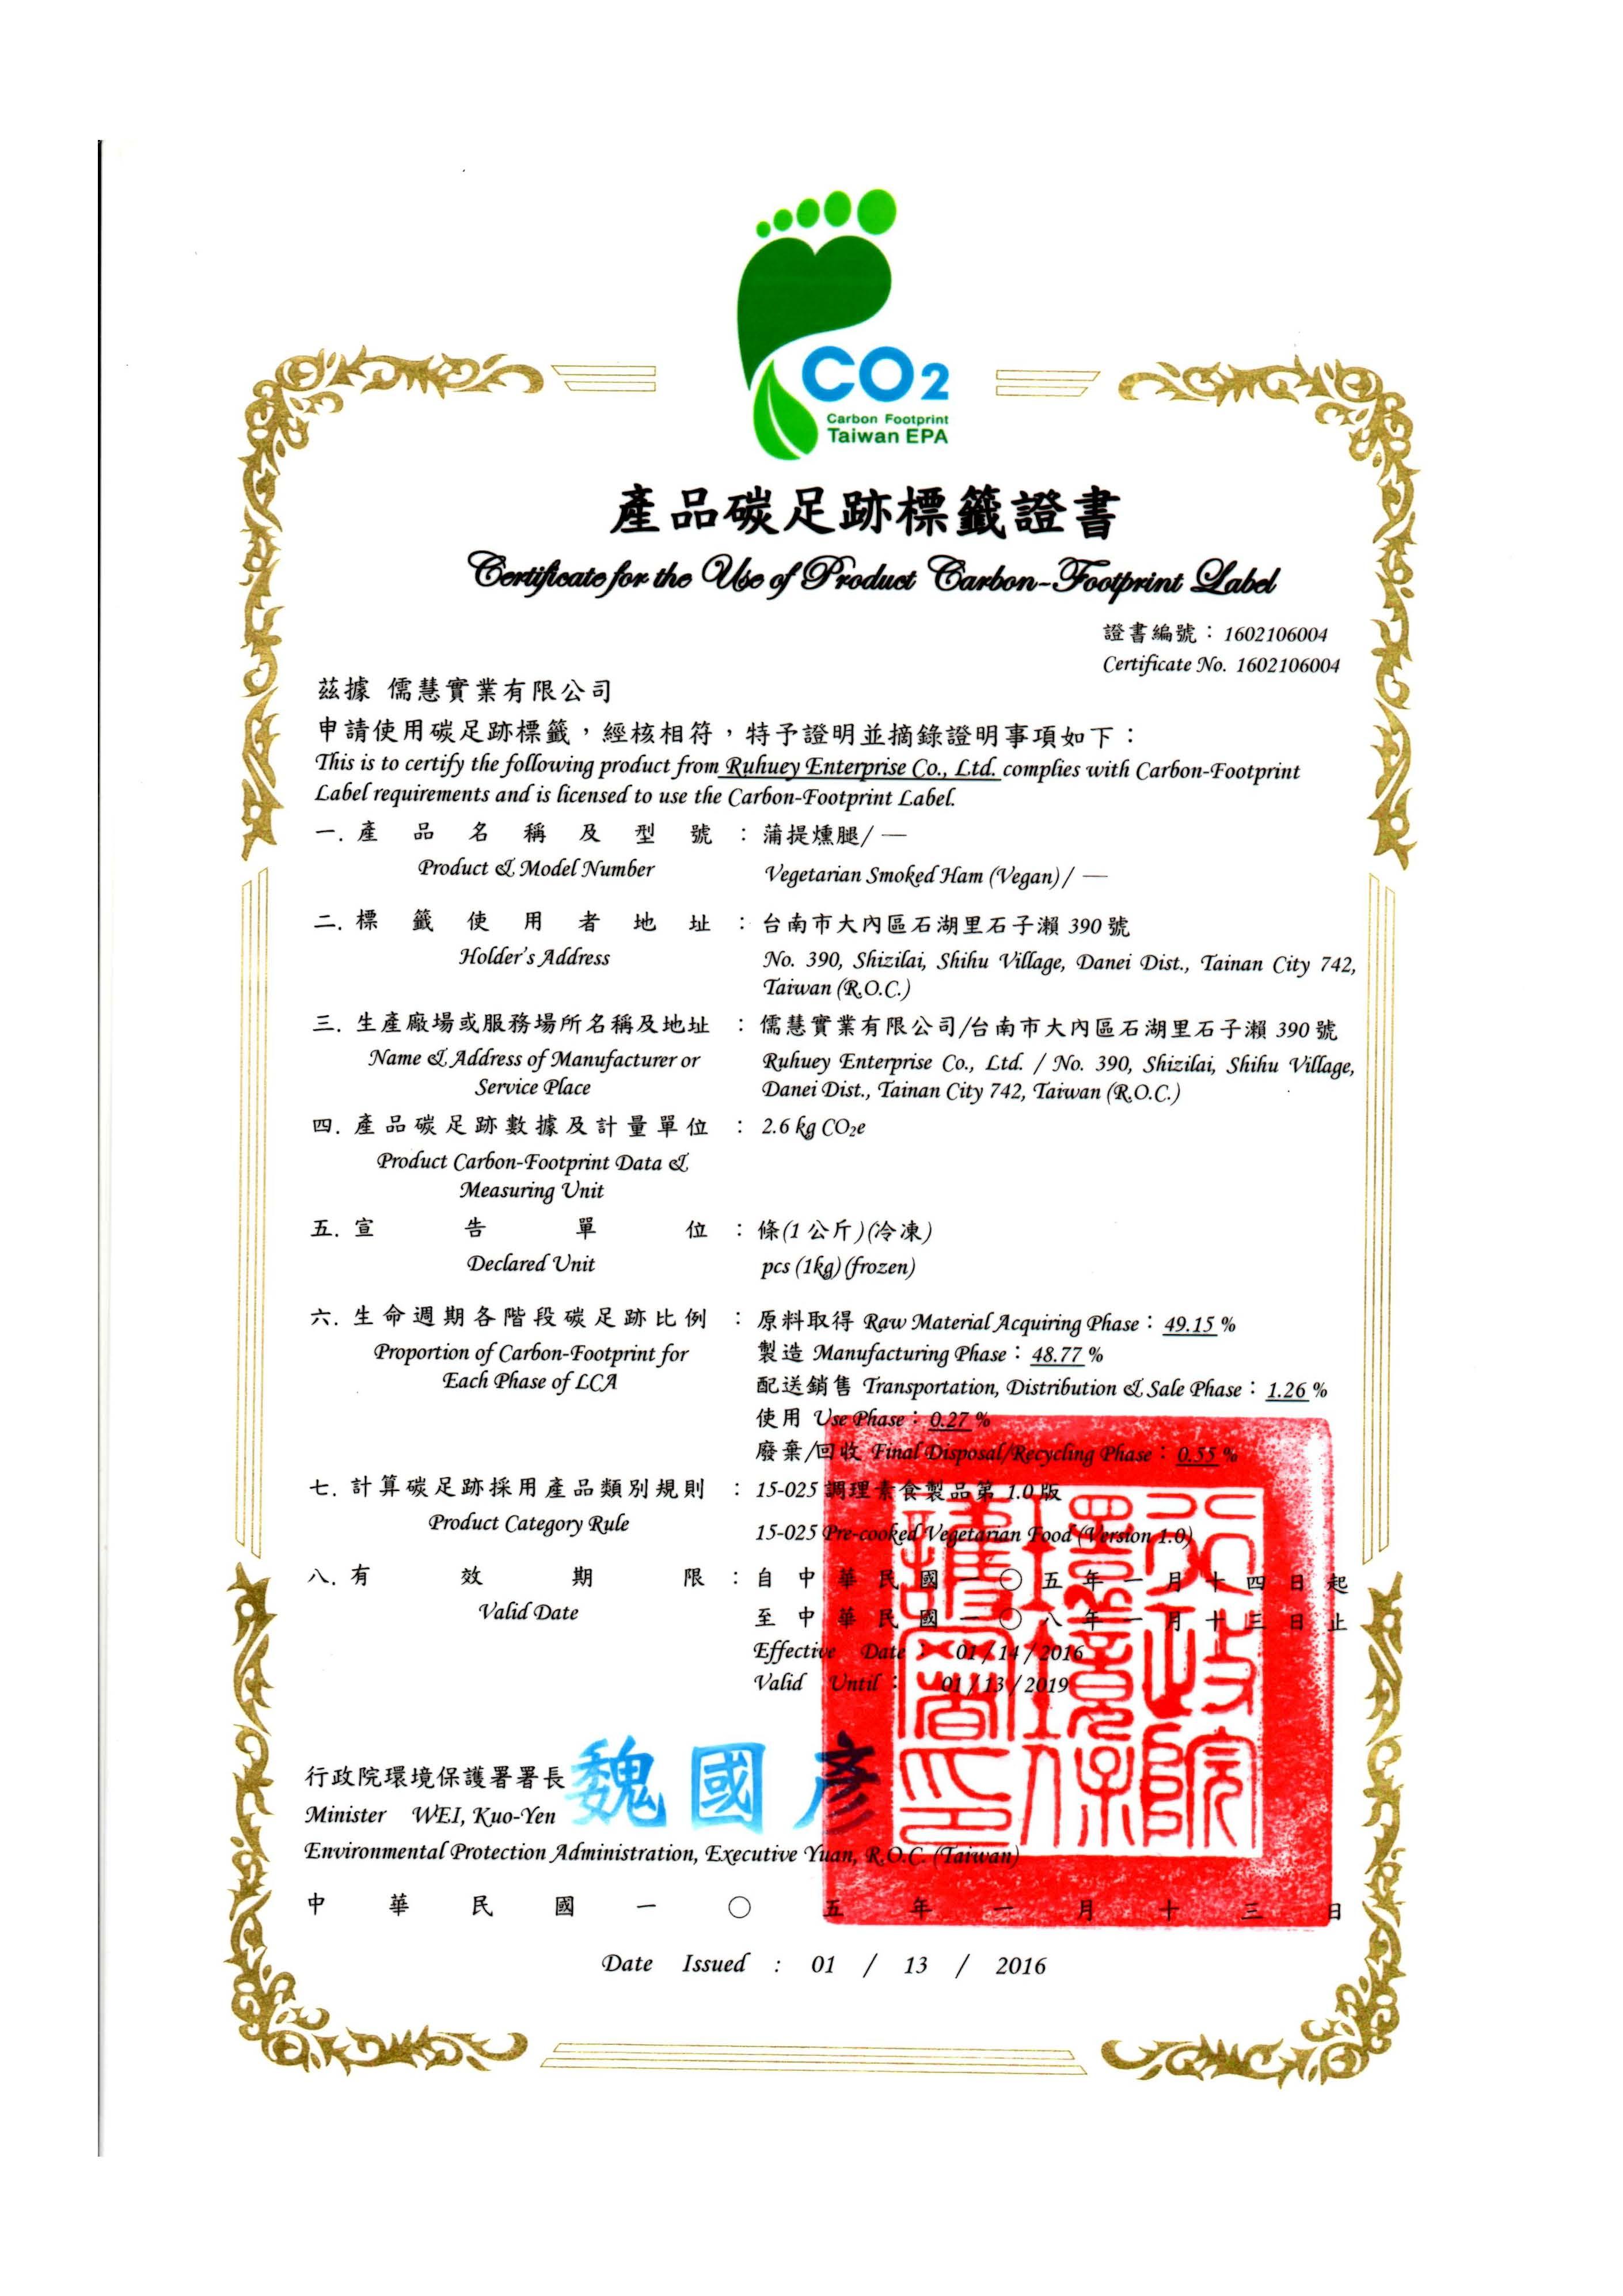 檢驗報告,HACCP,碳足跡_頁面_12